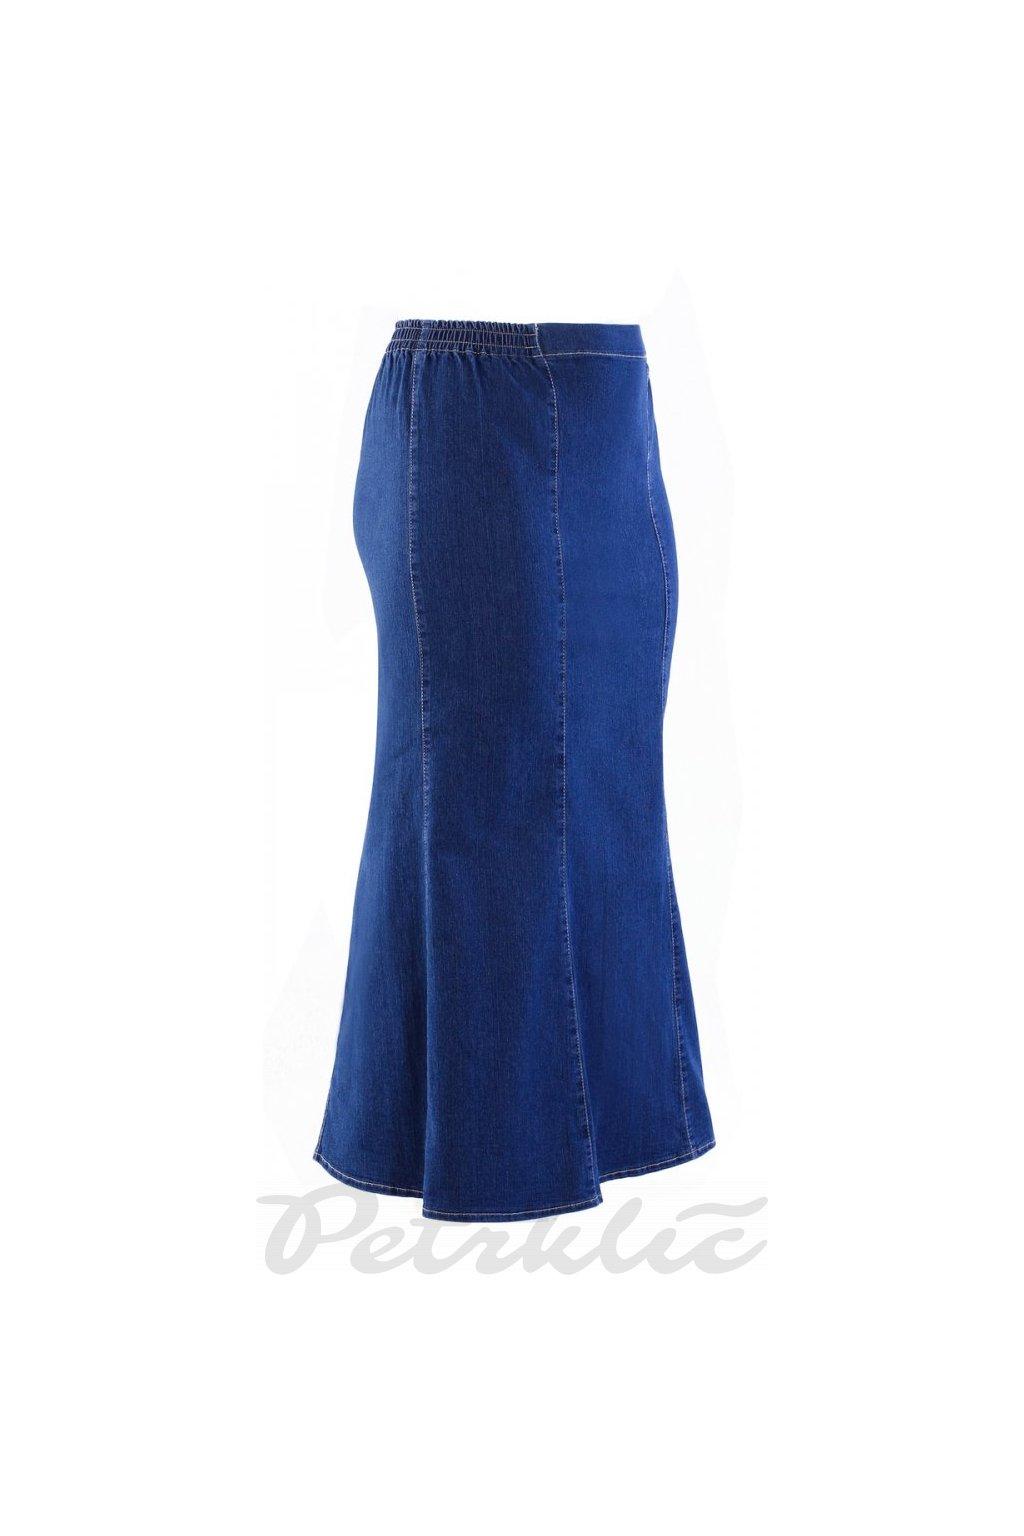 DELRI - riflová sukně 85 cm